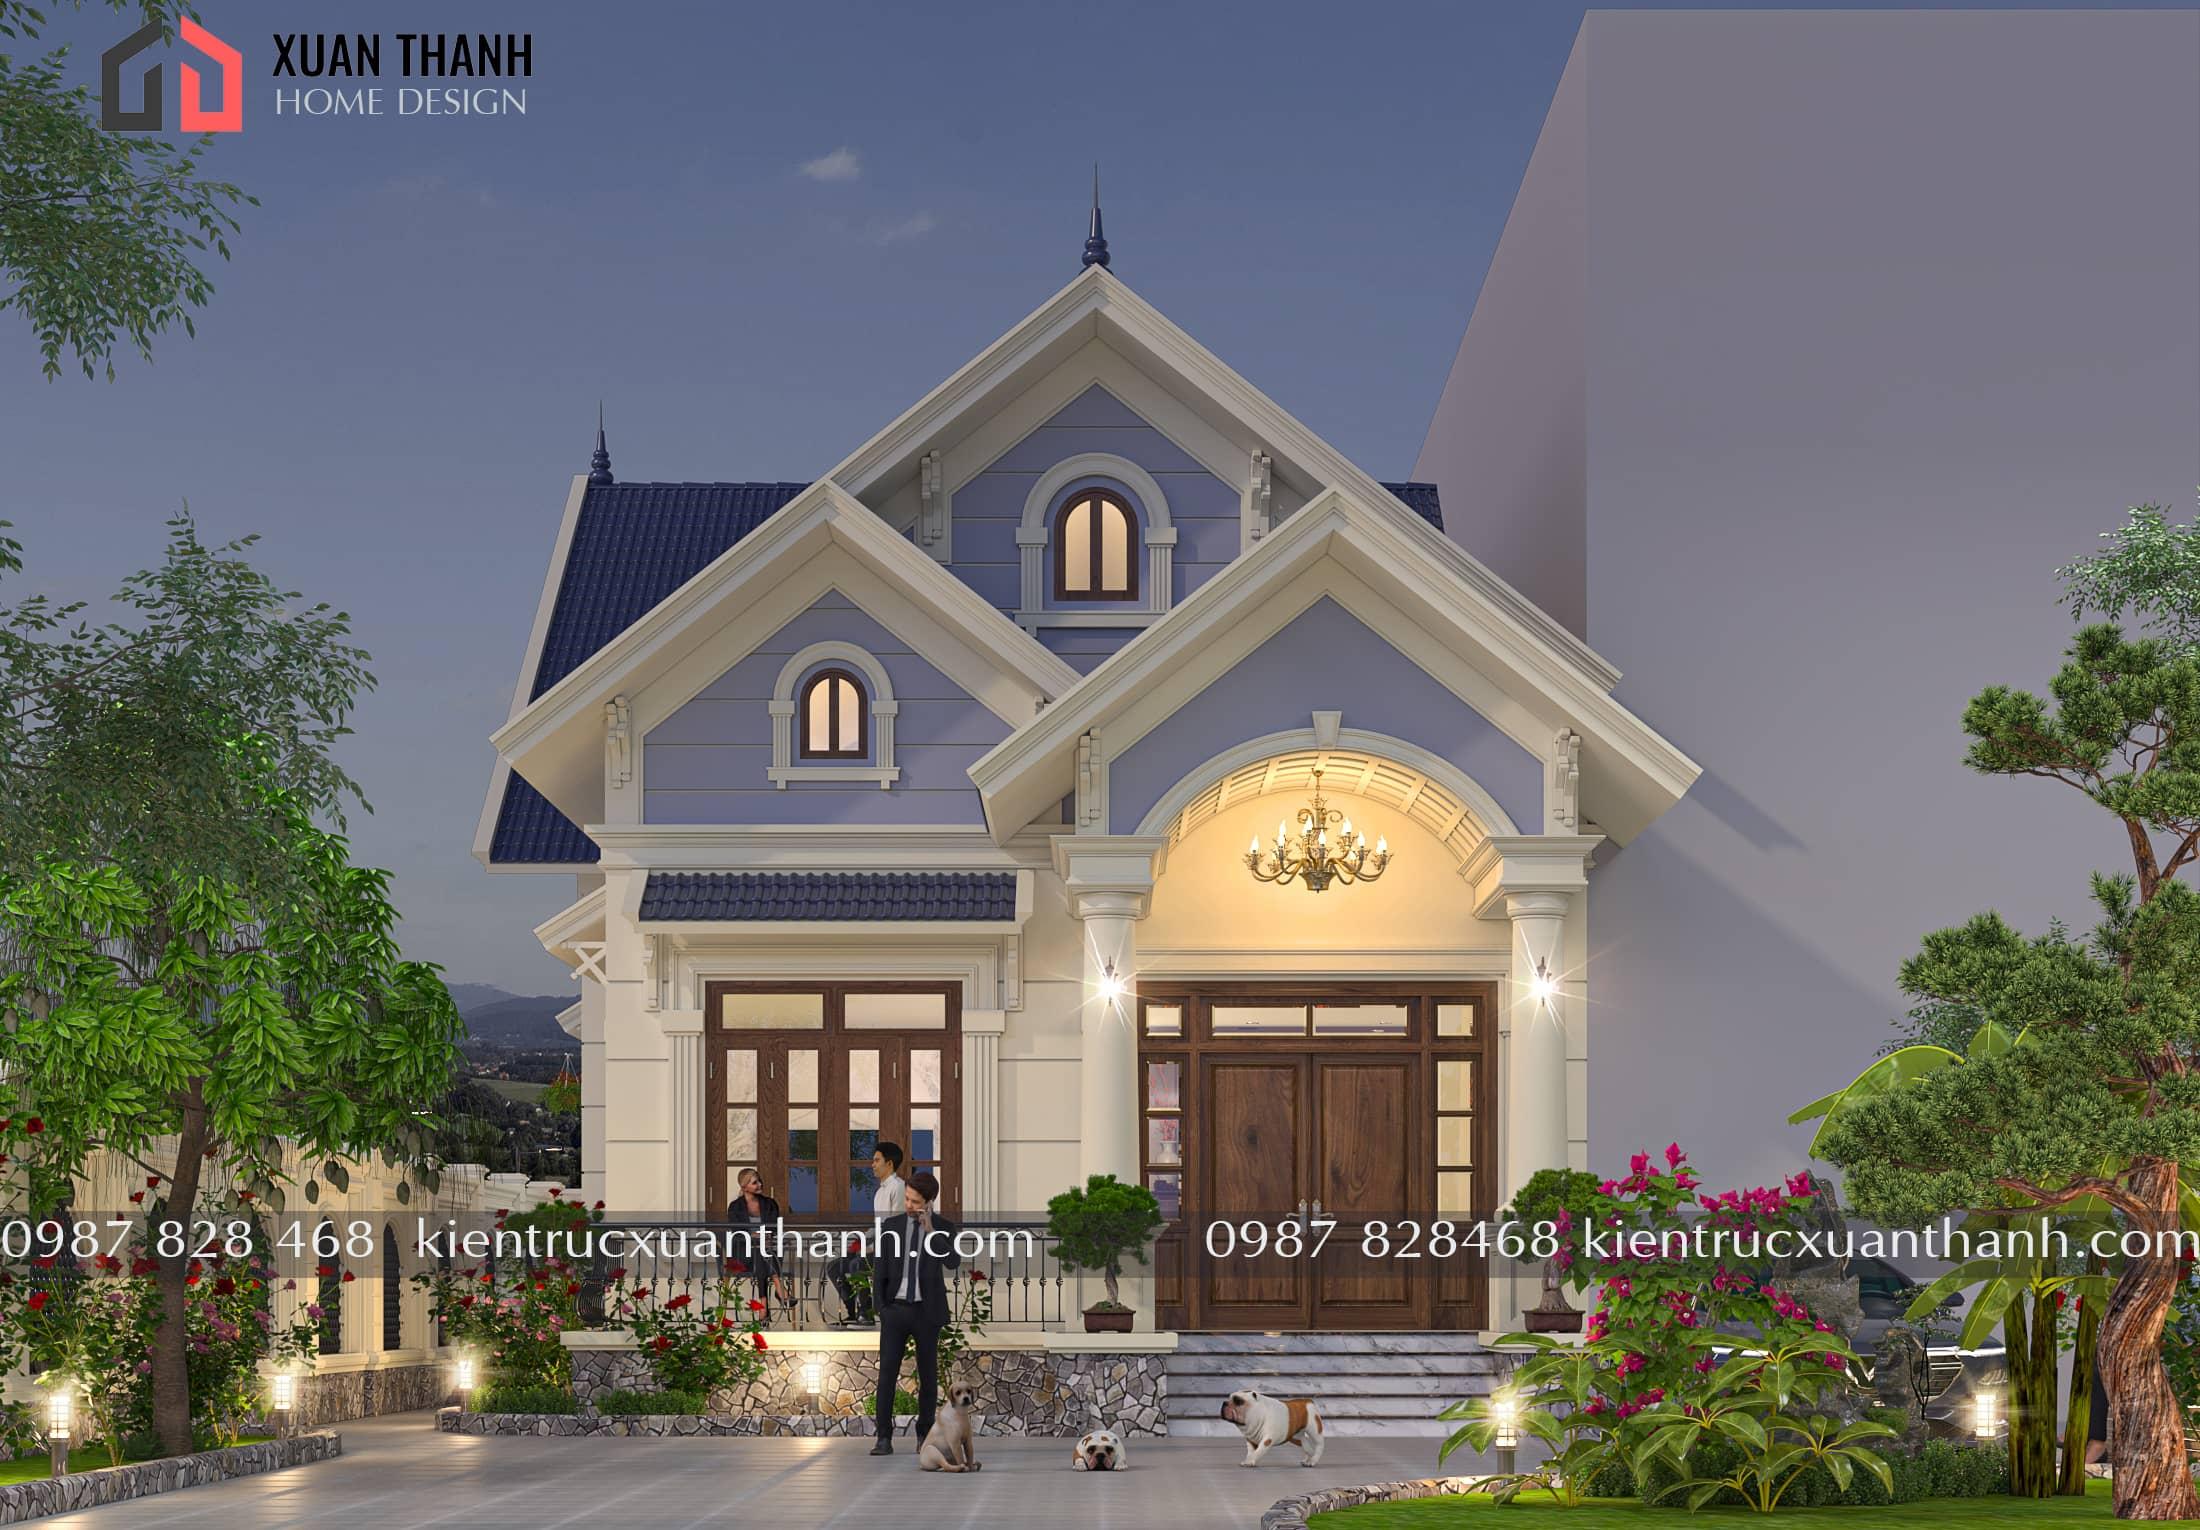 nhà 1 tầng mái thái đơn giản BT18322 - Ảnh 3